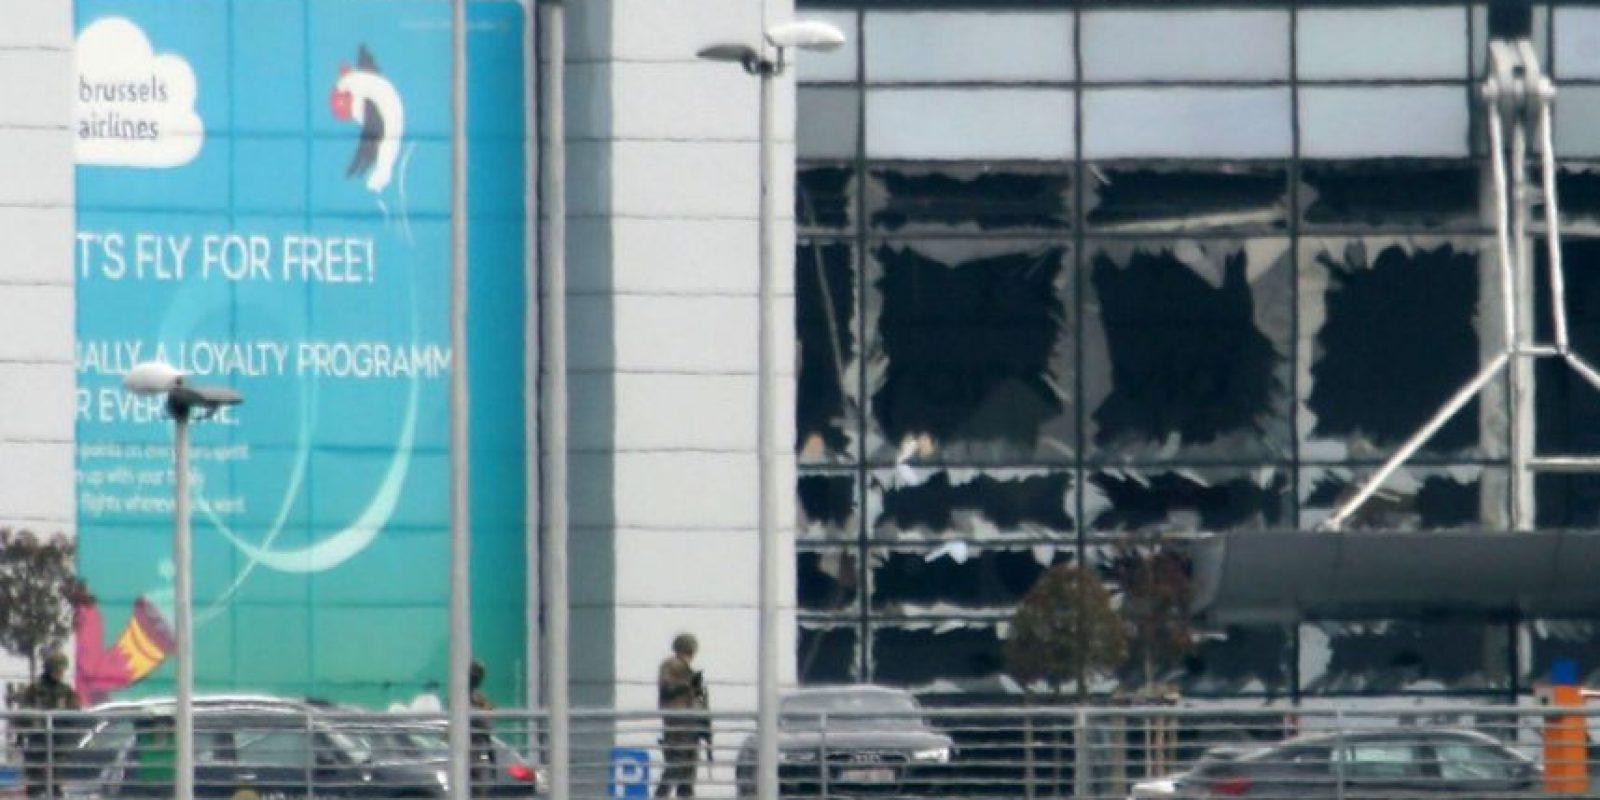 El 22 de marzo hubo un terrible atentado en el aeropuerto y metro de Bruselas. Foto:Getty Images